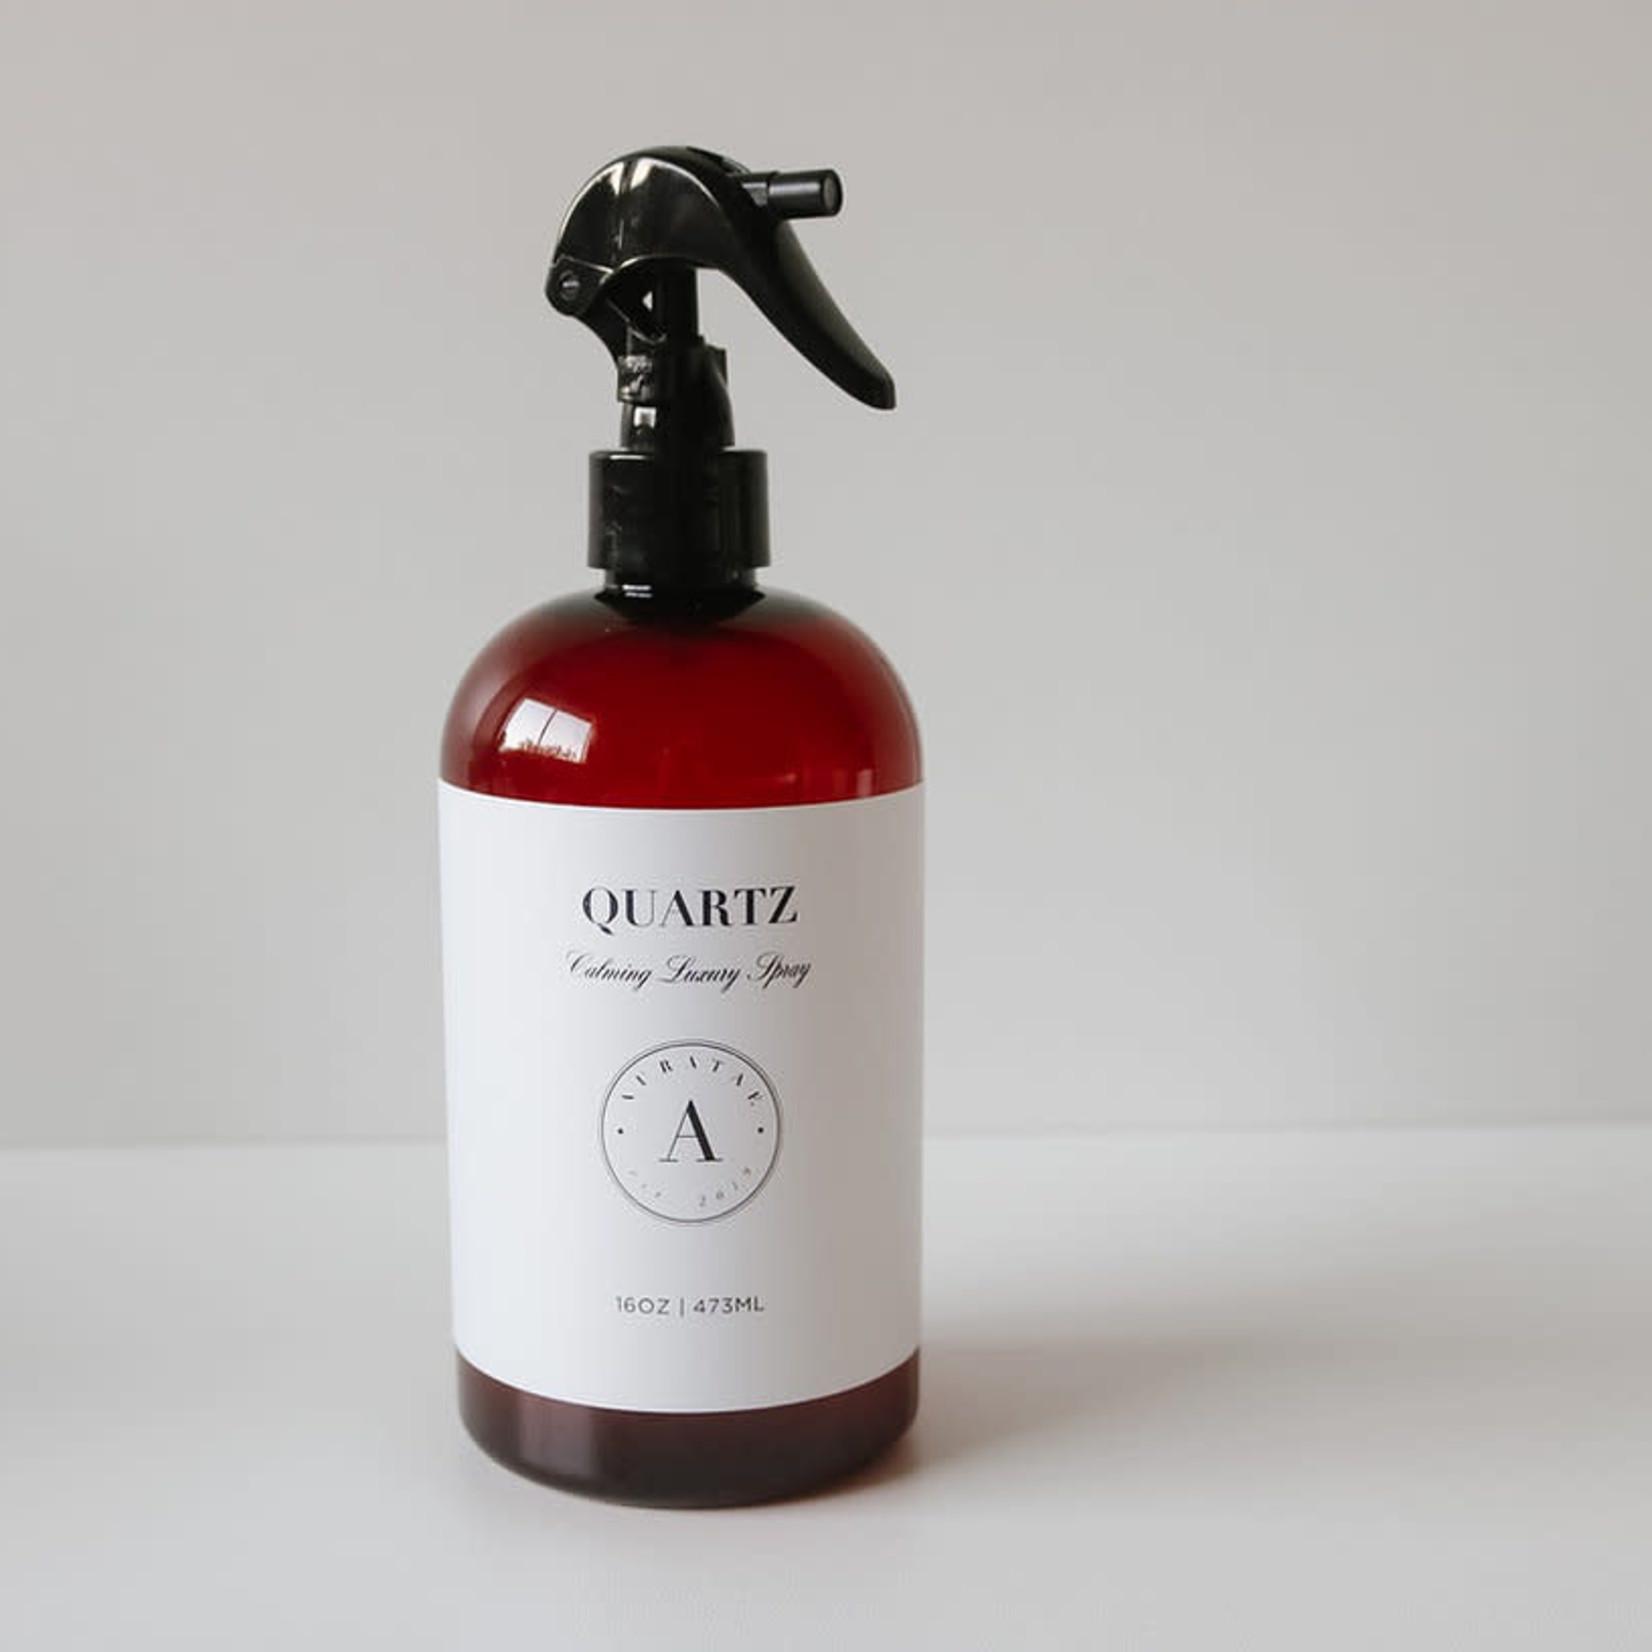 AuraTae Quartz Luxury Spray 16oz